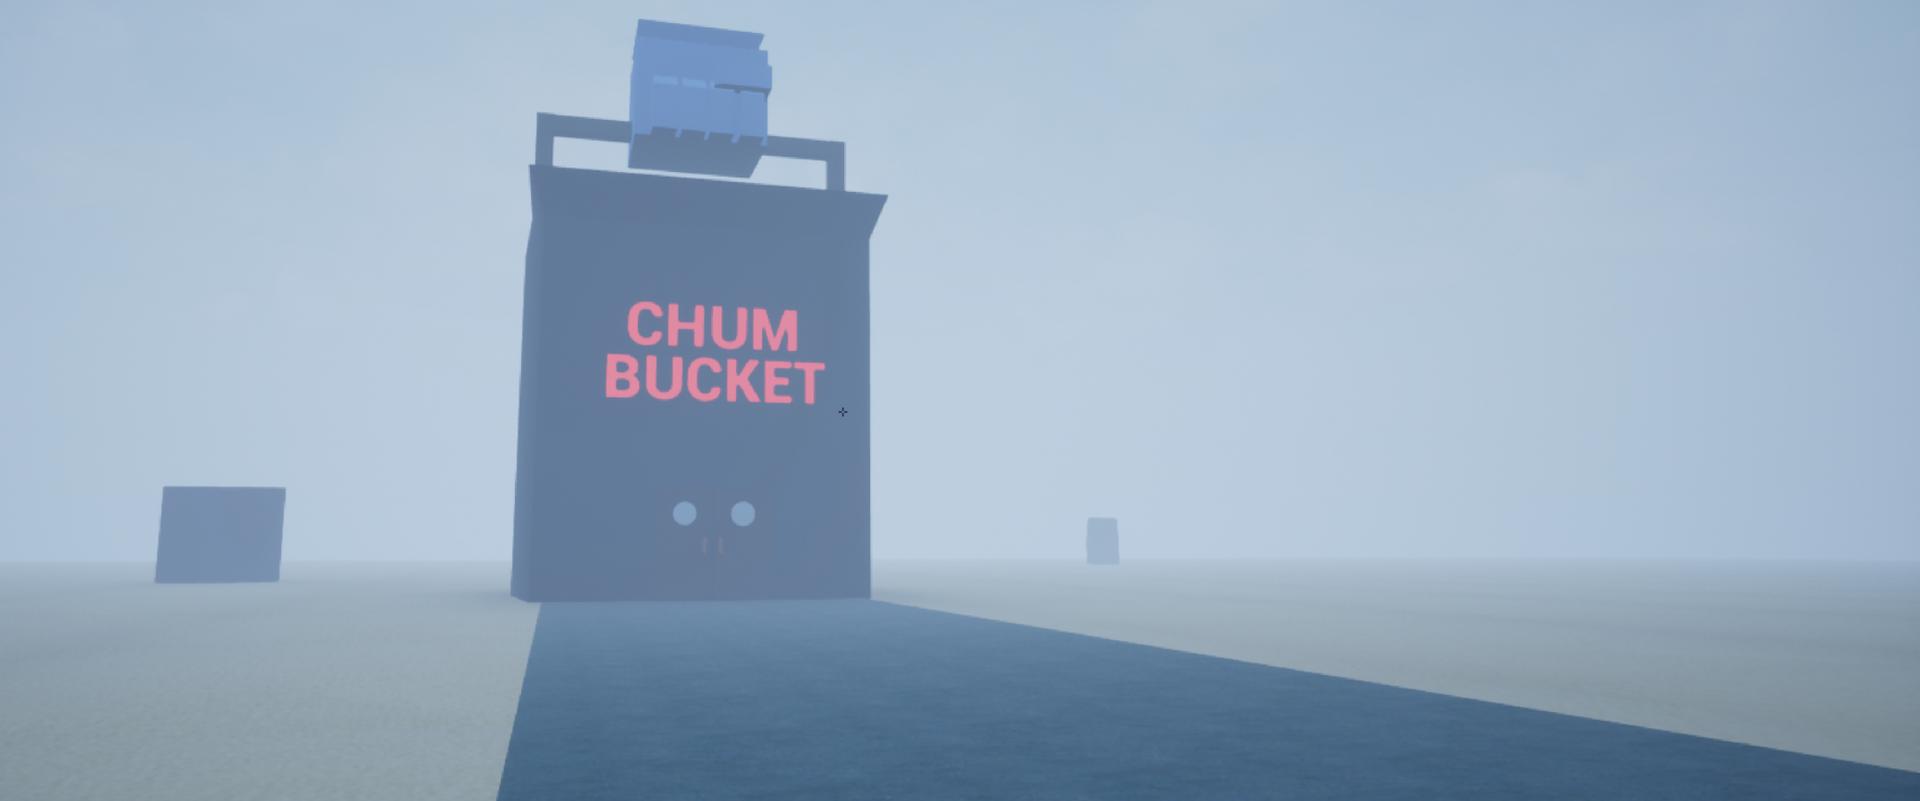 6 am at the chumbucket